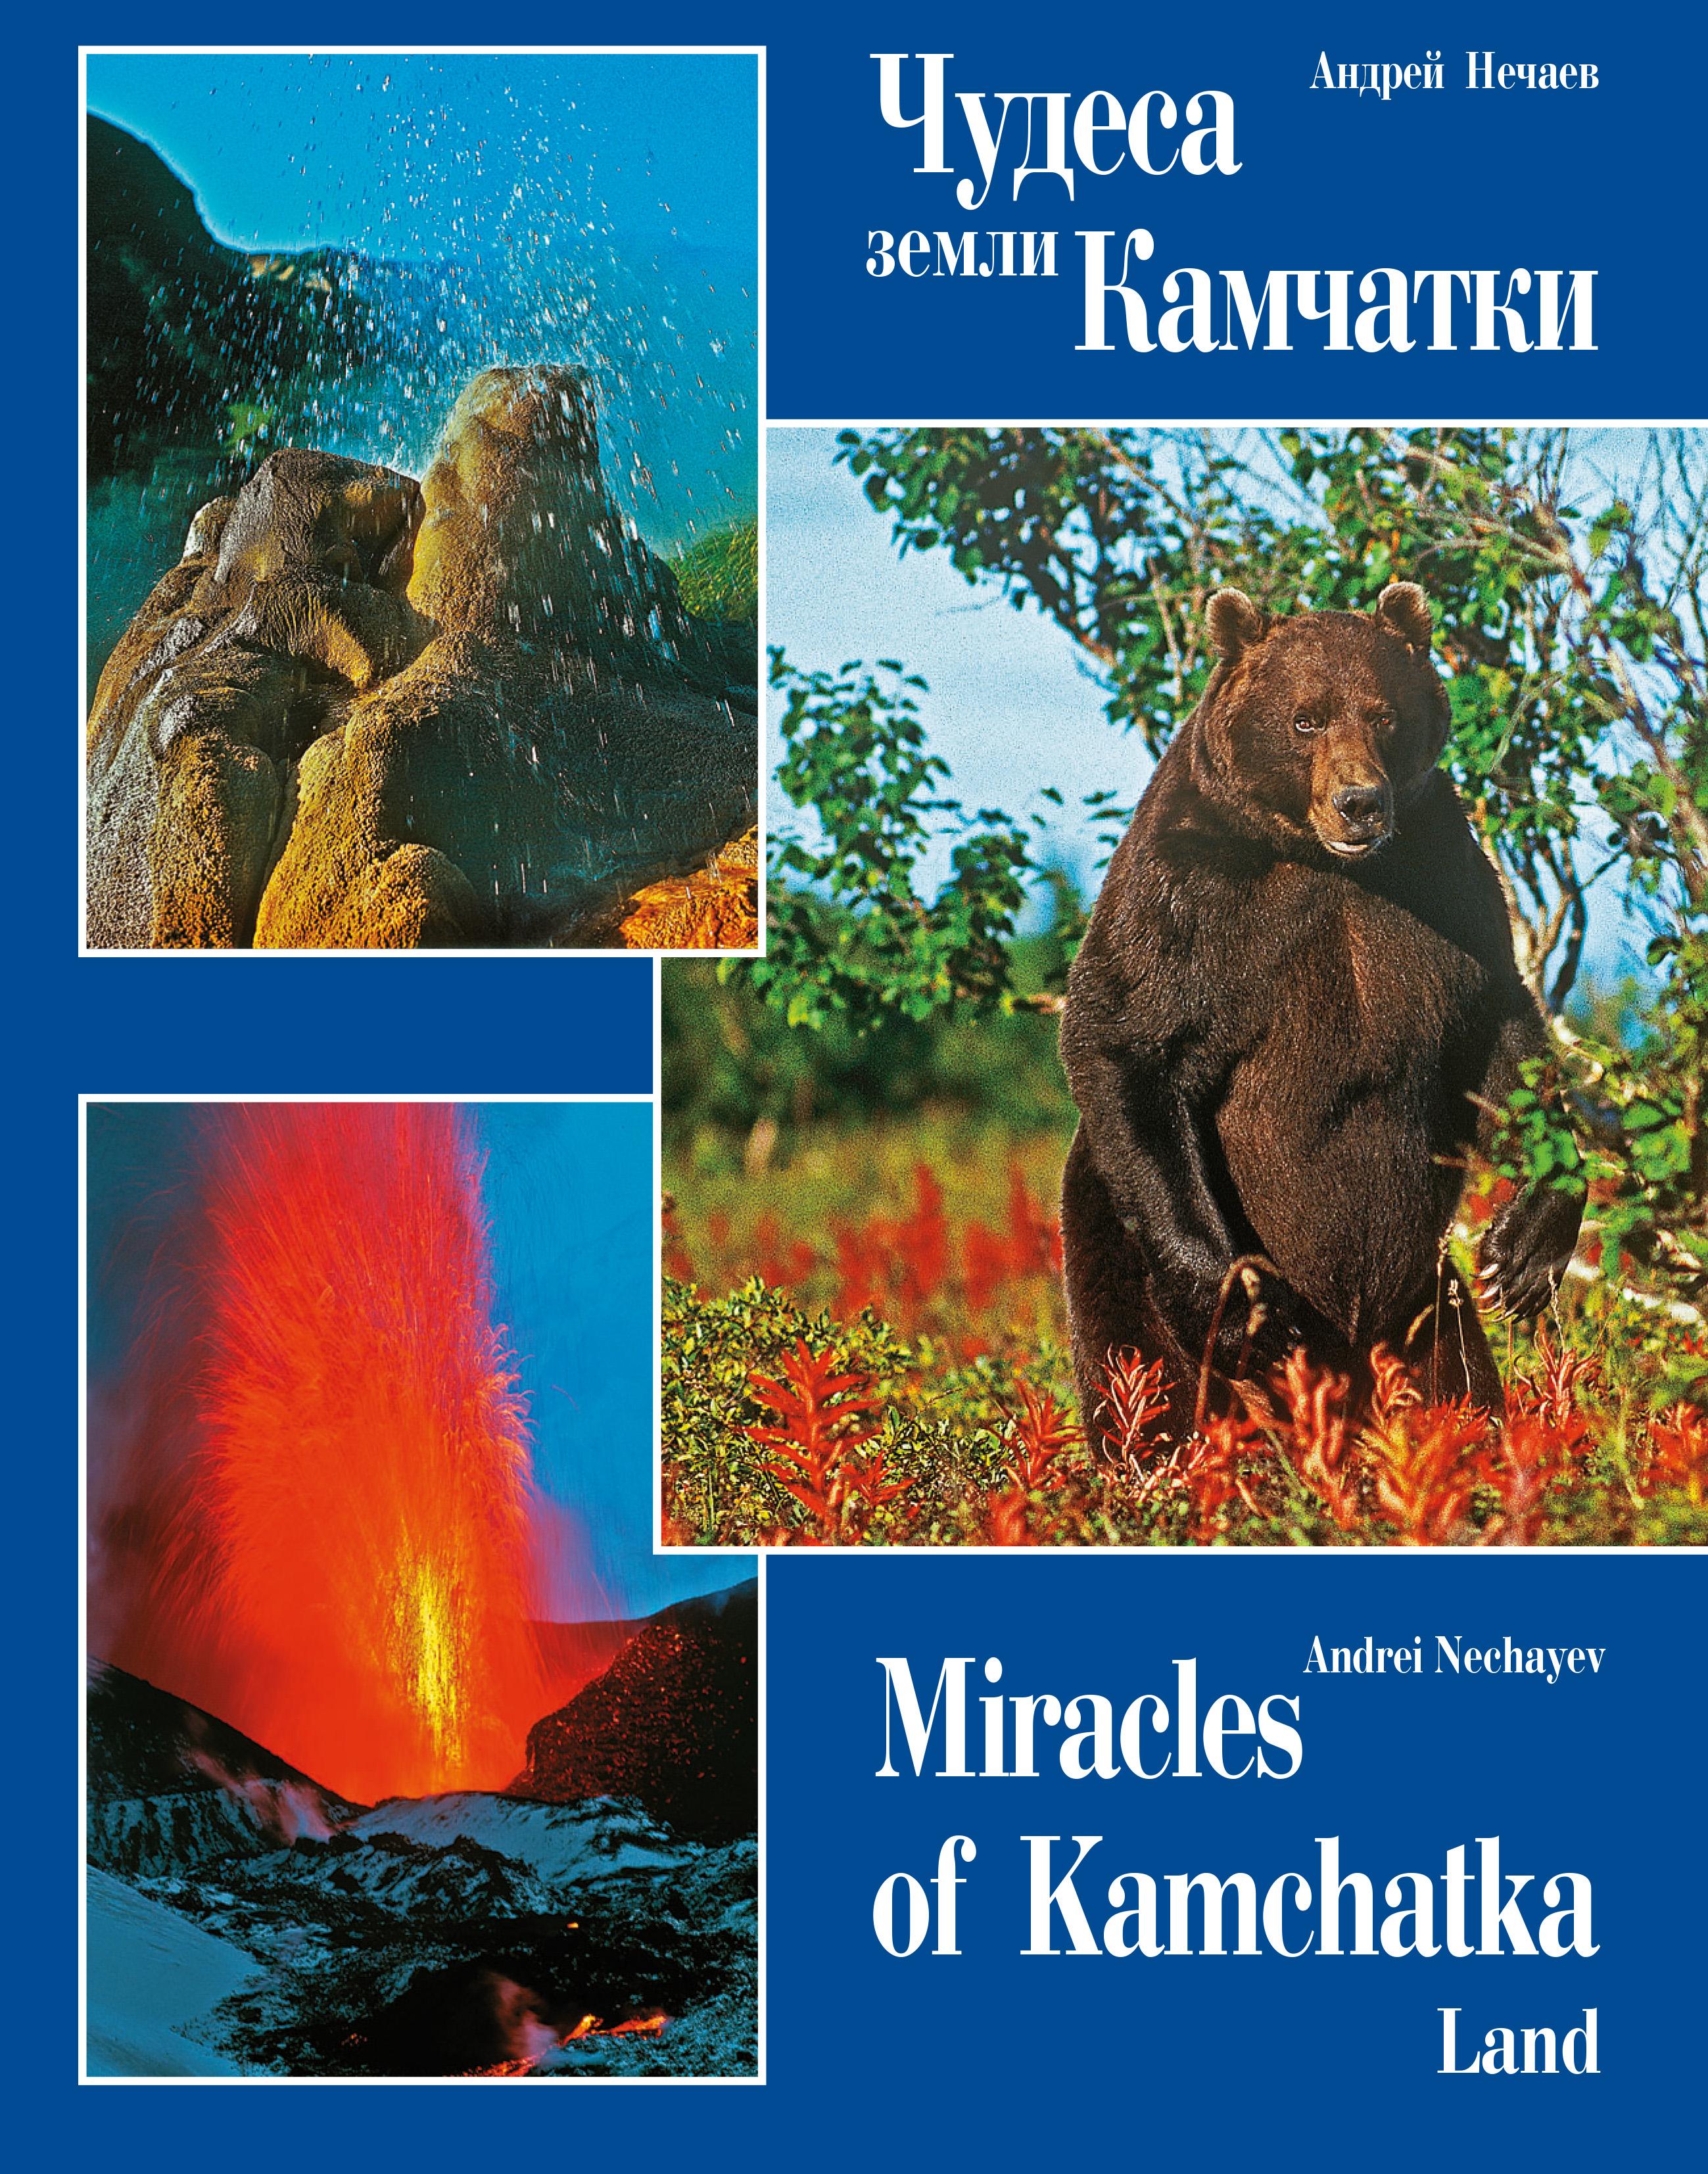 Чудеса земли Камчатки / Miracles of Kamchatka Land